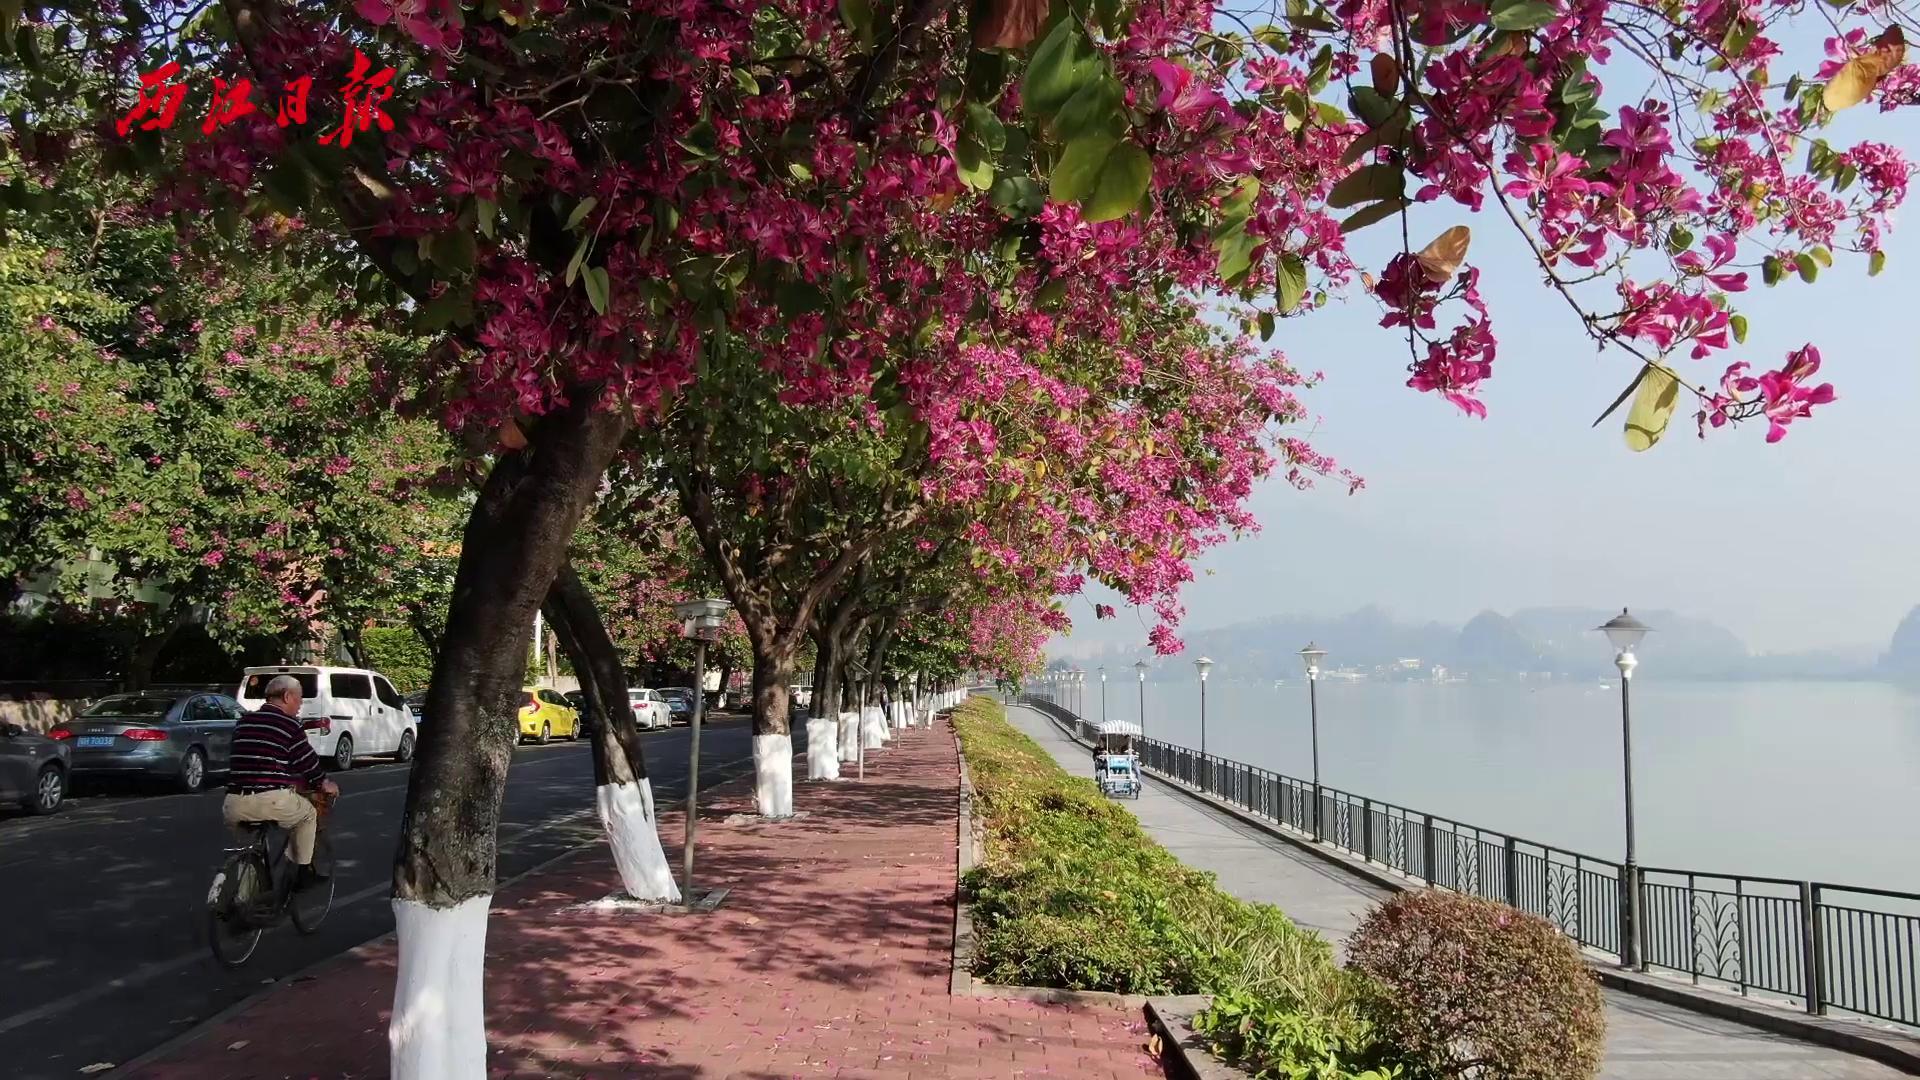 醉美星湖紫荊花堤,是深秋時光里肇慶最美最浪漫的景色